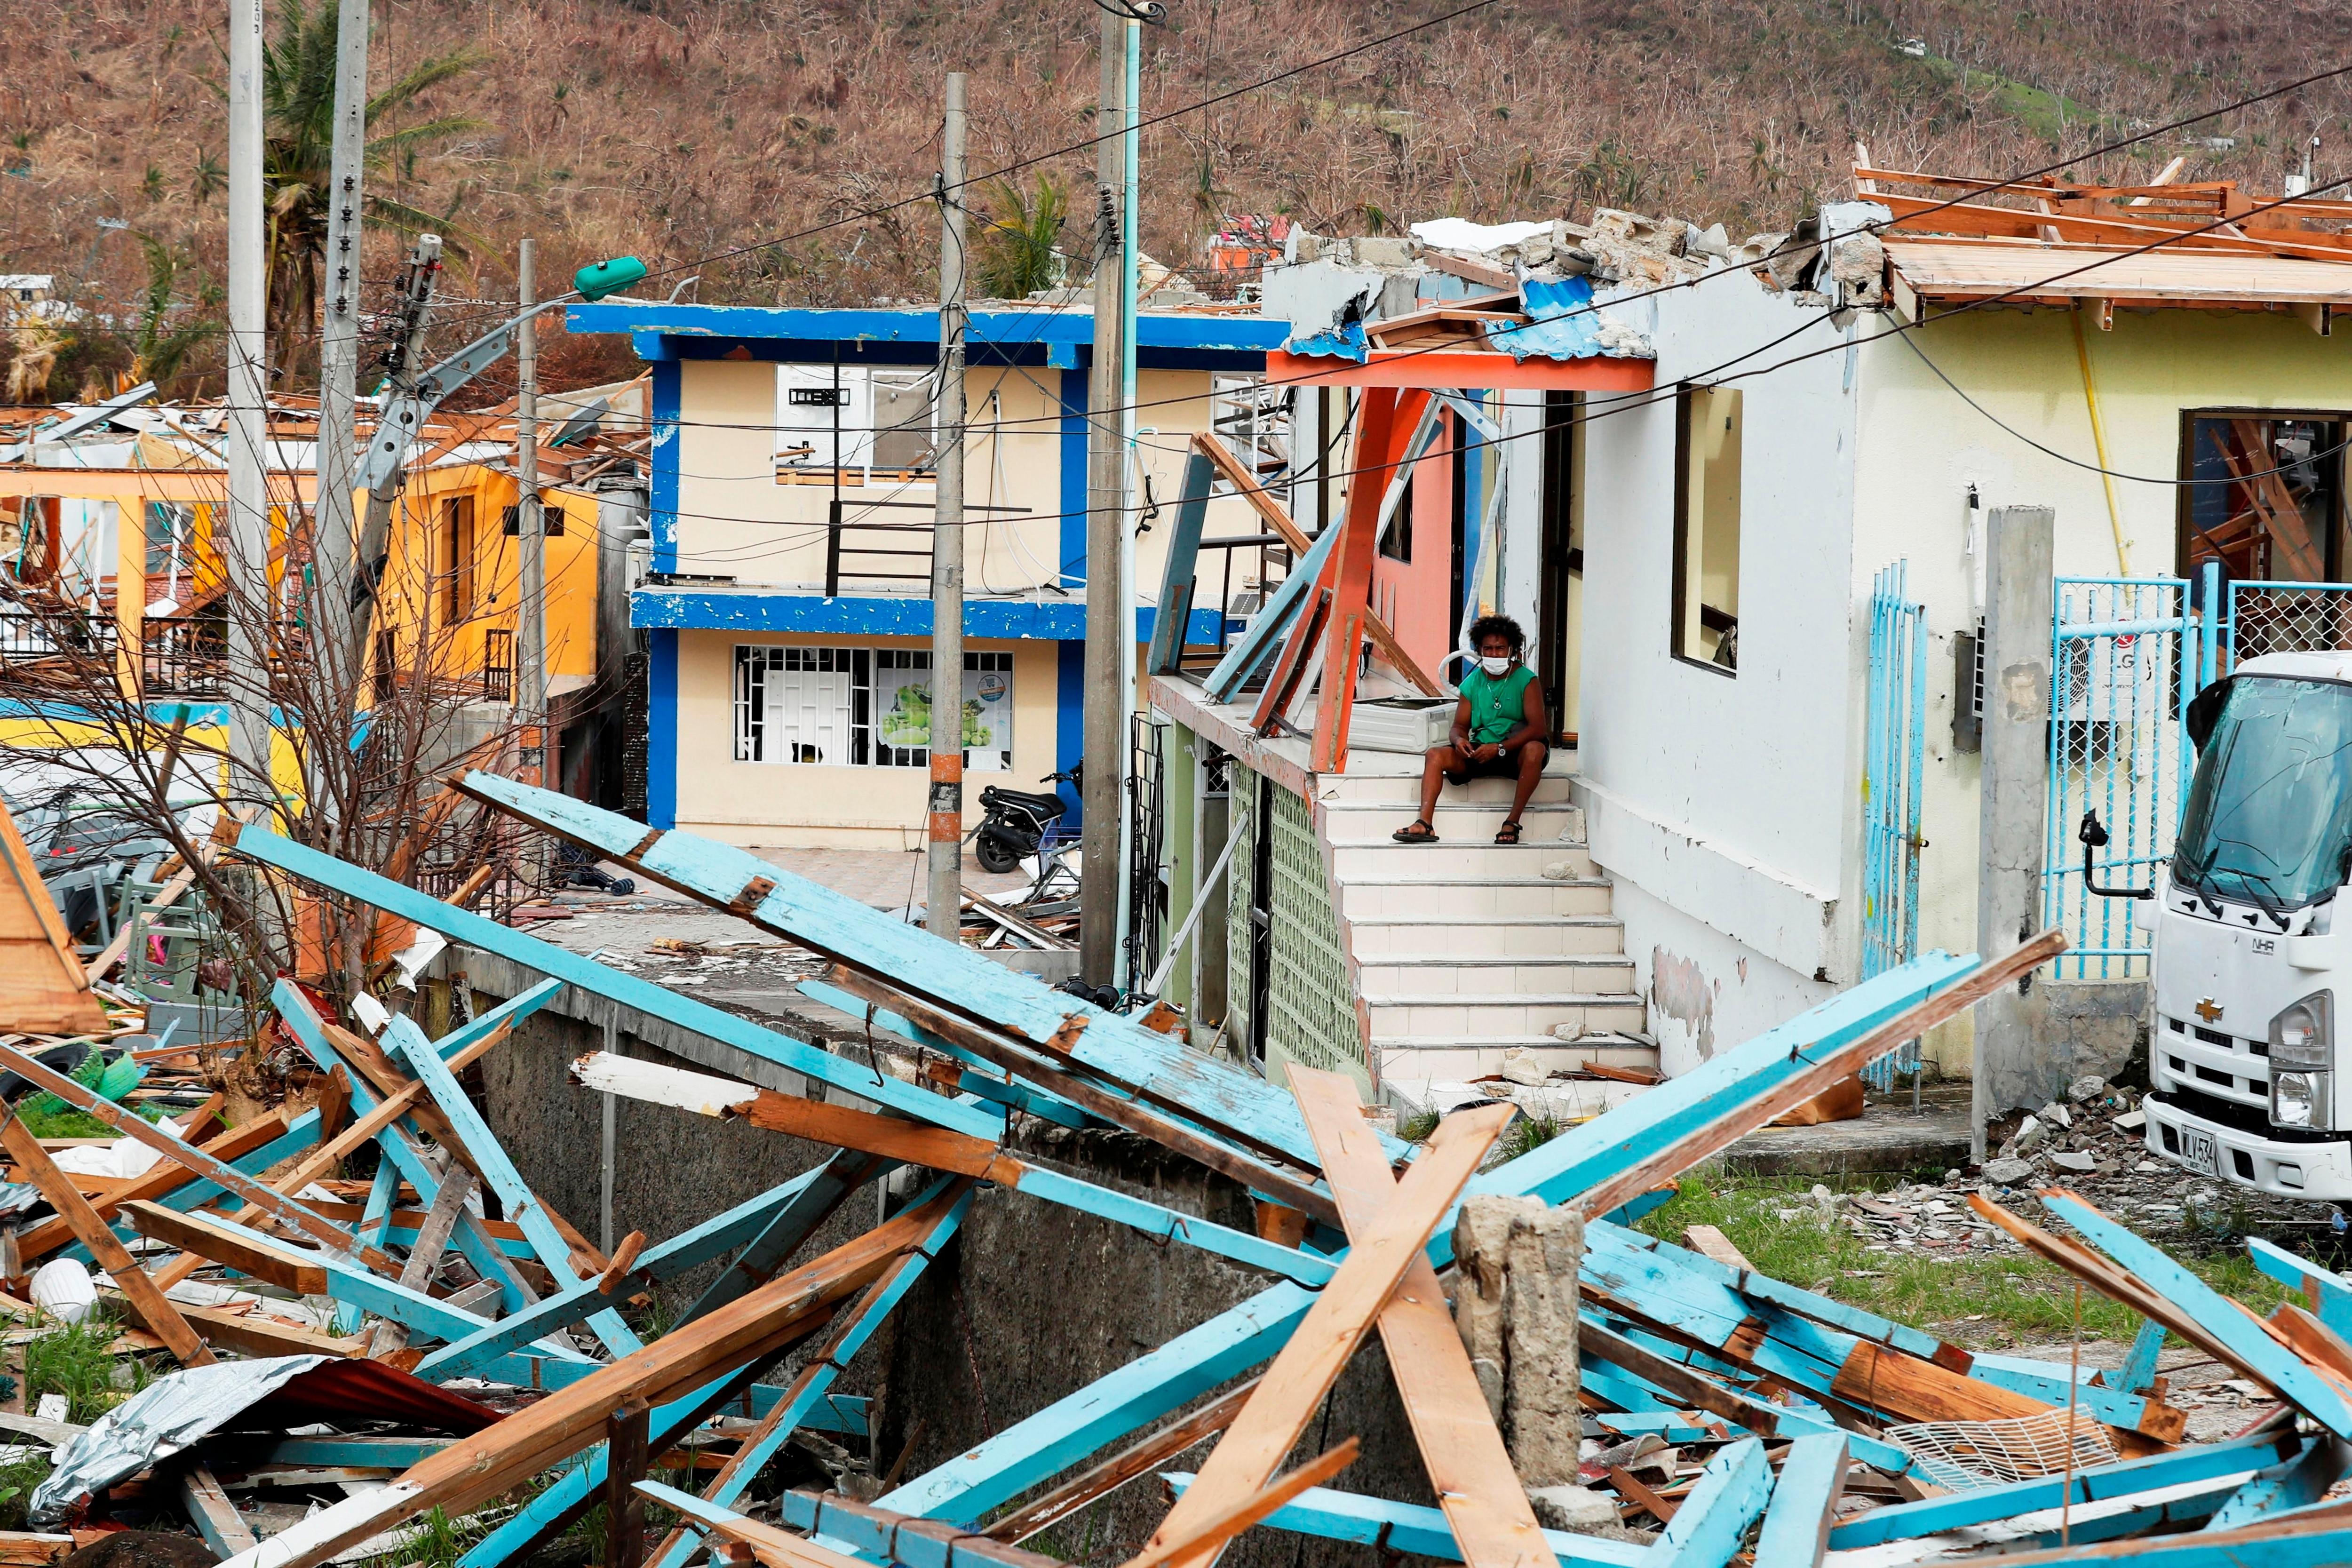 Una mujer observa hoy los da�os a su vivienda entre los escombros que dej� el paso del hurac�n Iota, en la isla de Providencia, Archipi�lago de San Andr�s (Colombia). EFE/Mauricio Due�as Casta�eda